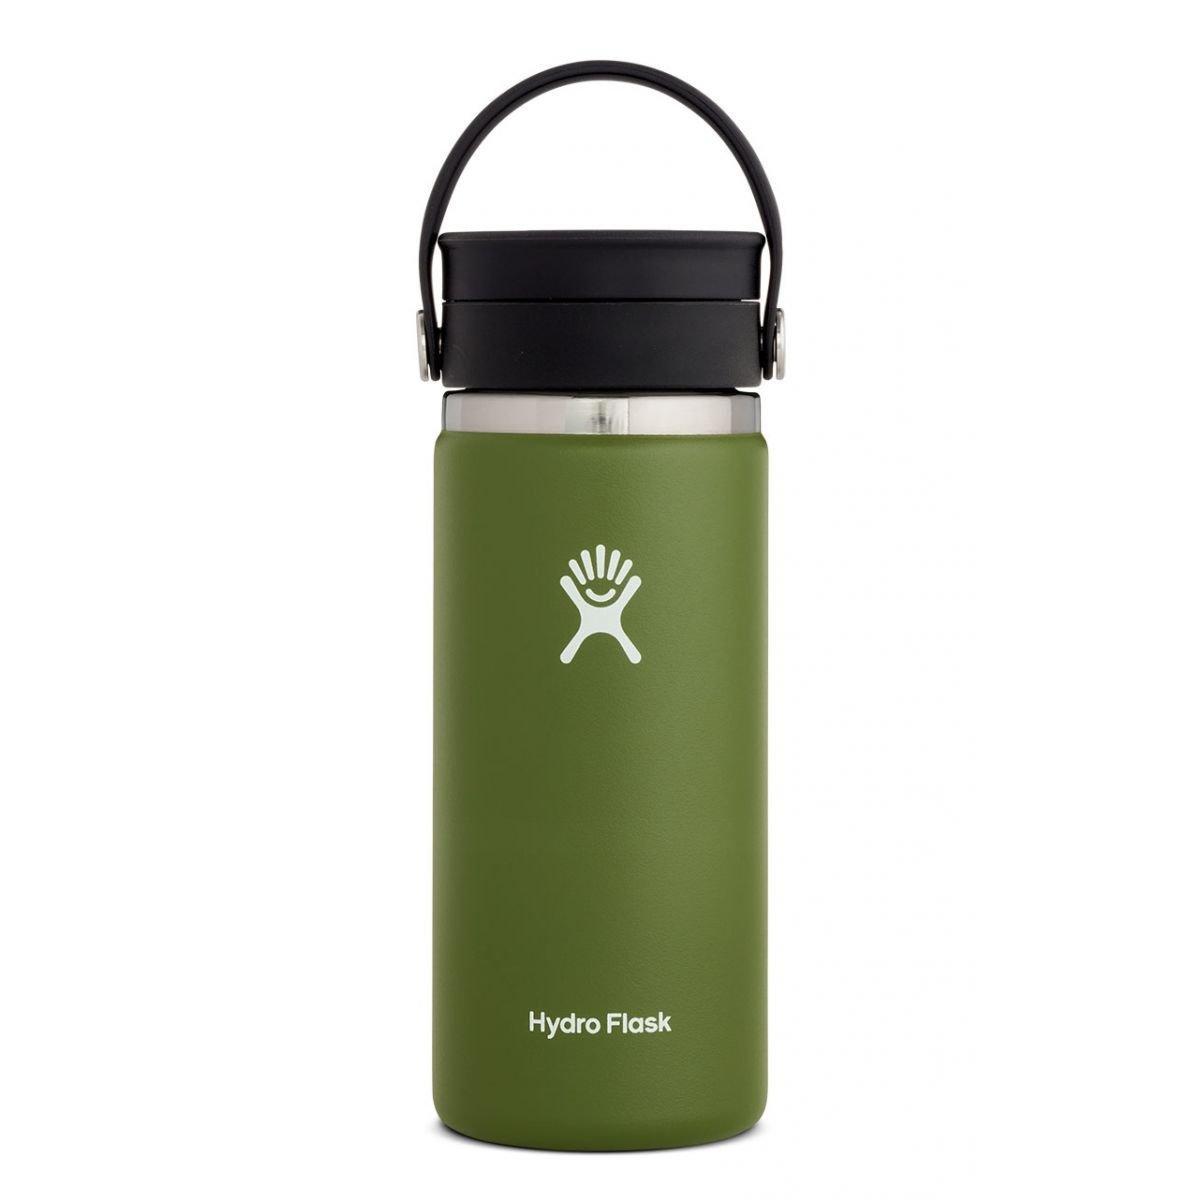 Hydro Flask 16oz Coffee Wide Mouth Flex